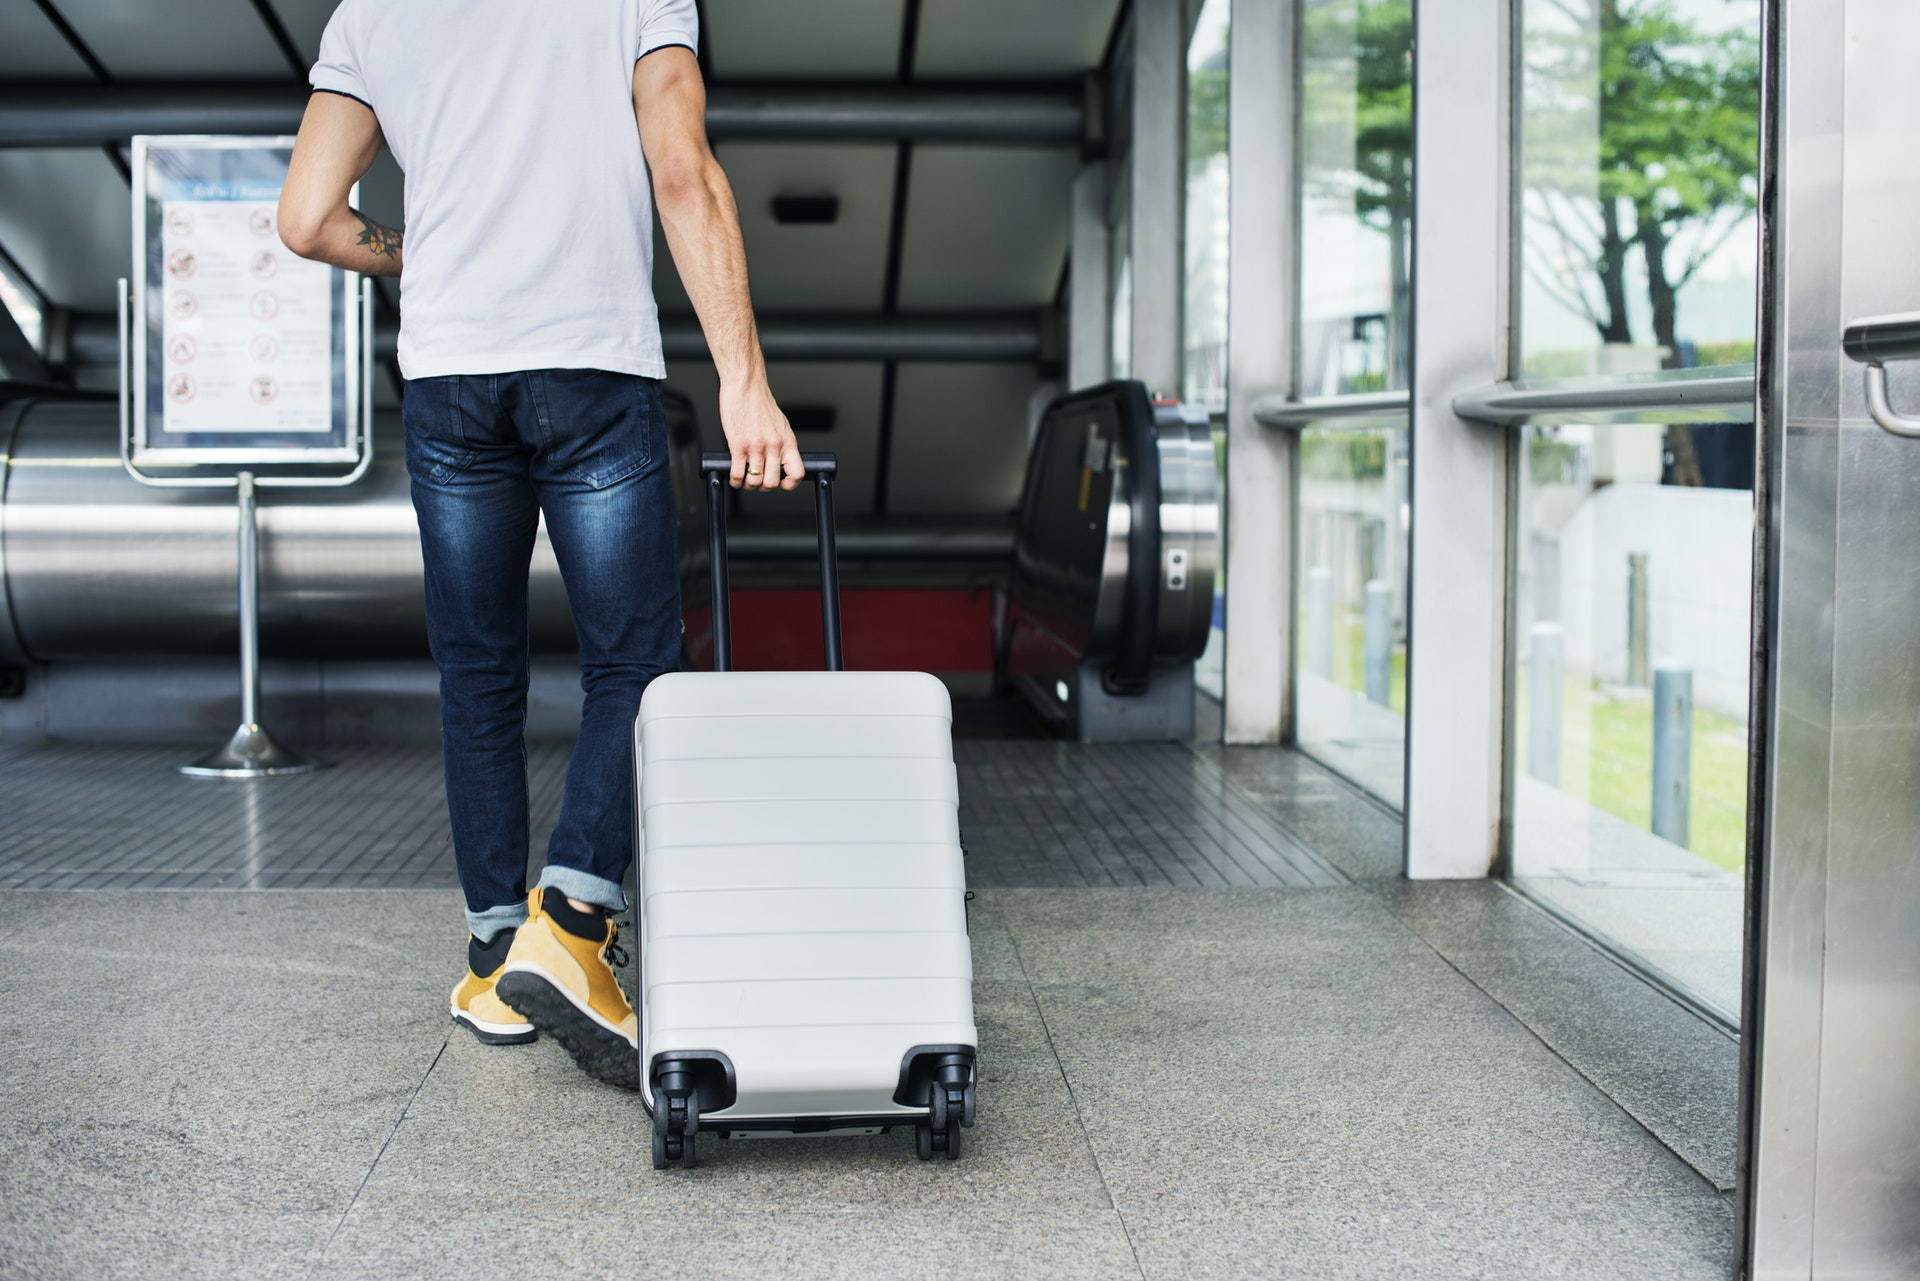 Пасажиропотік у грецьких аеропортах: приріст за грудень і 2018 рік